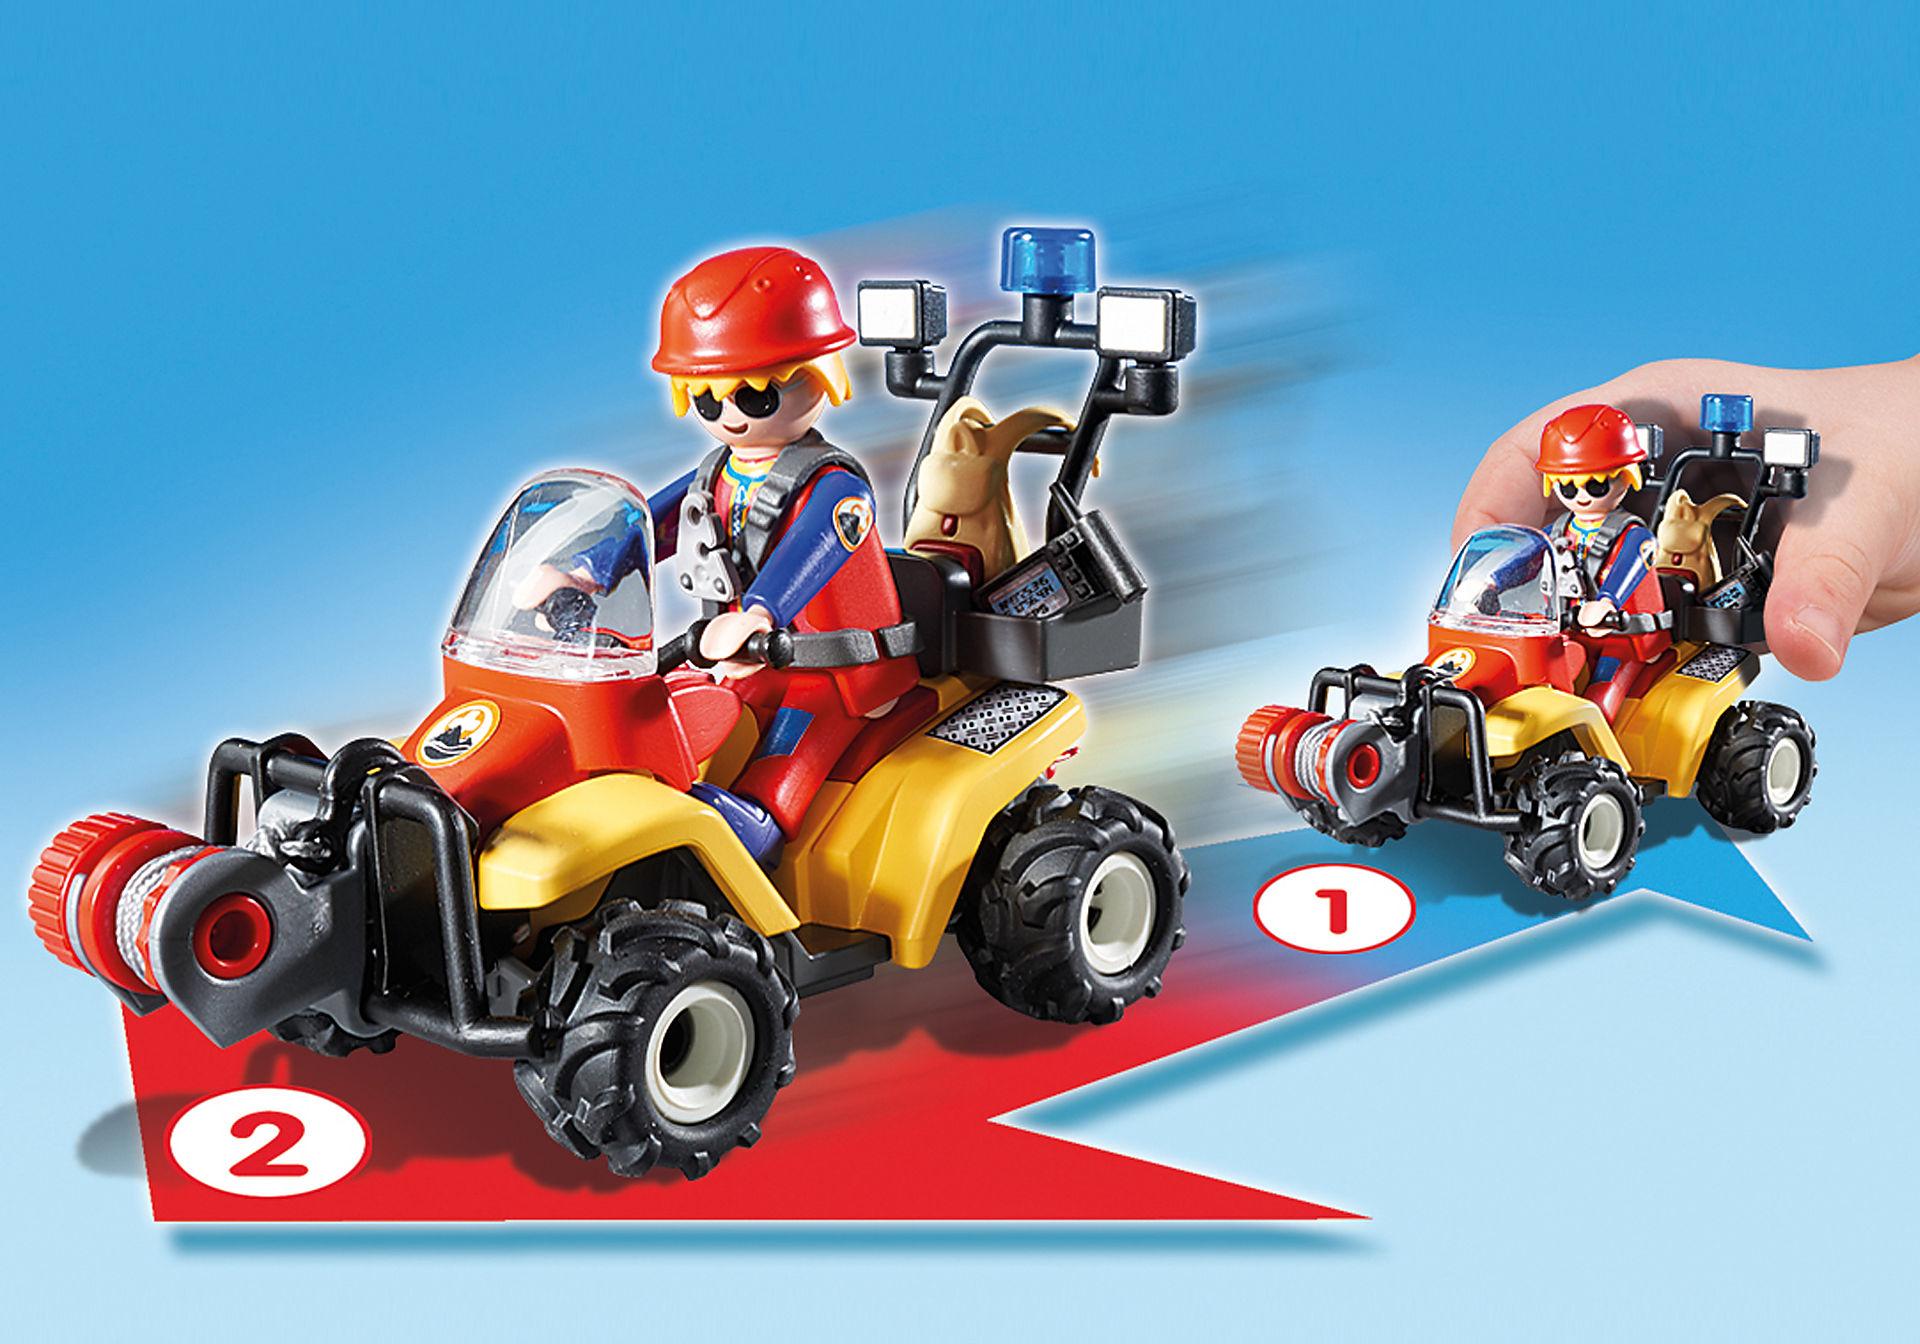 http://media.playmobil.com/i/playmobil/9130_product_extra1/Quad de Resgate de Montanha